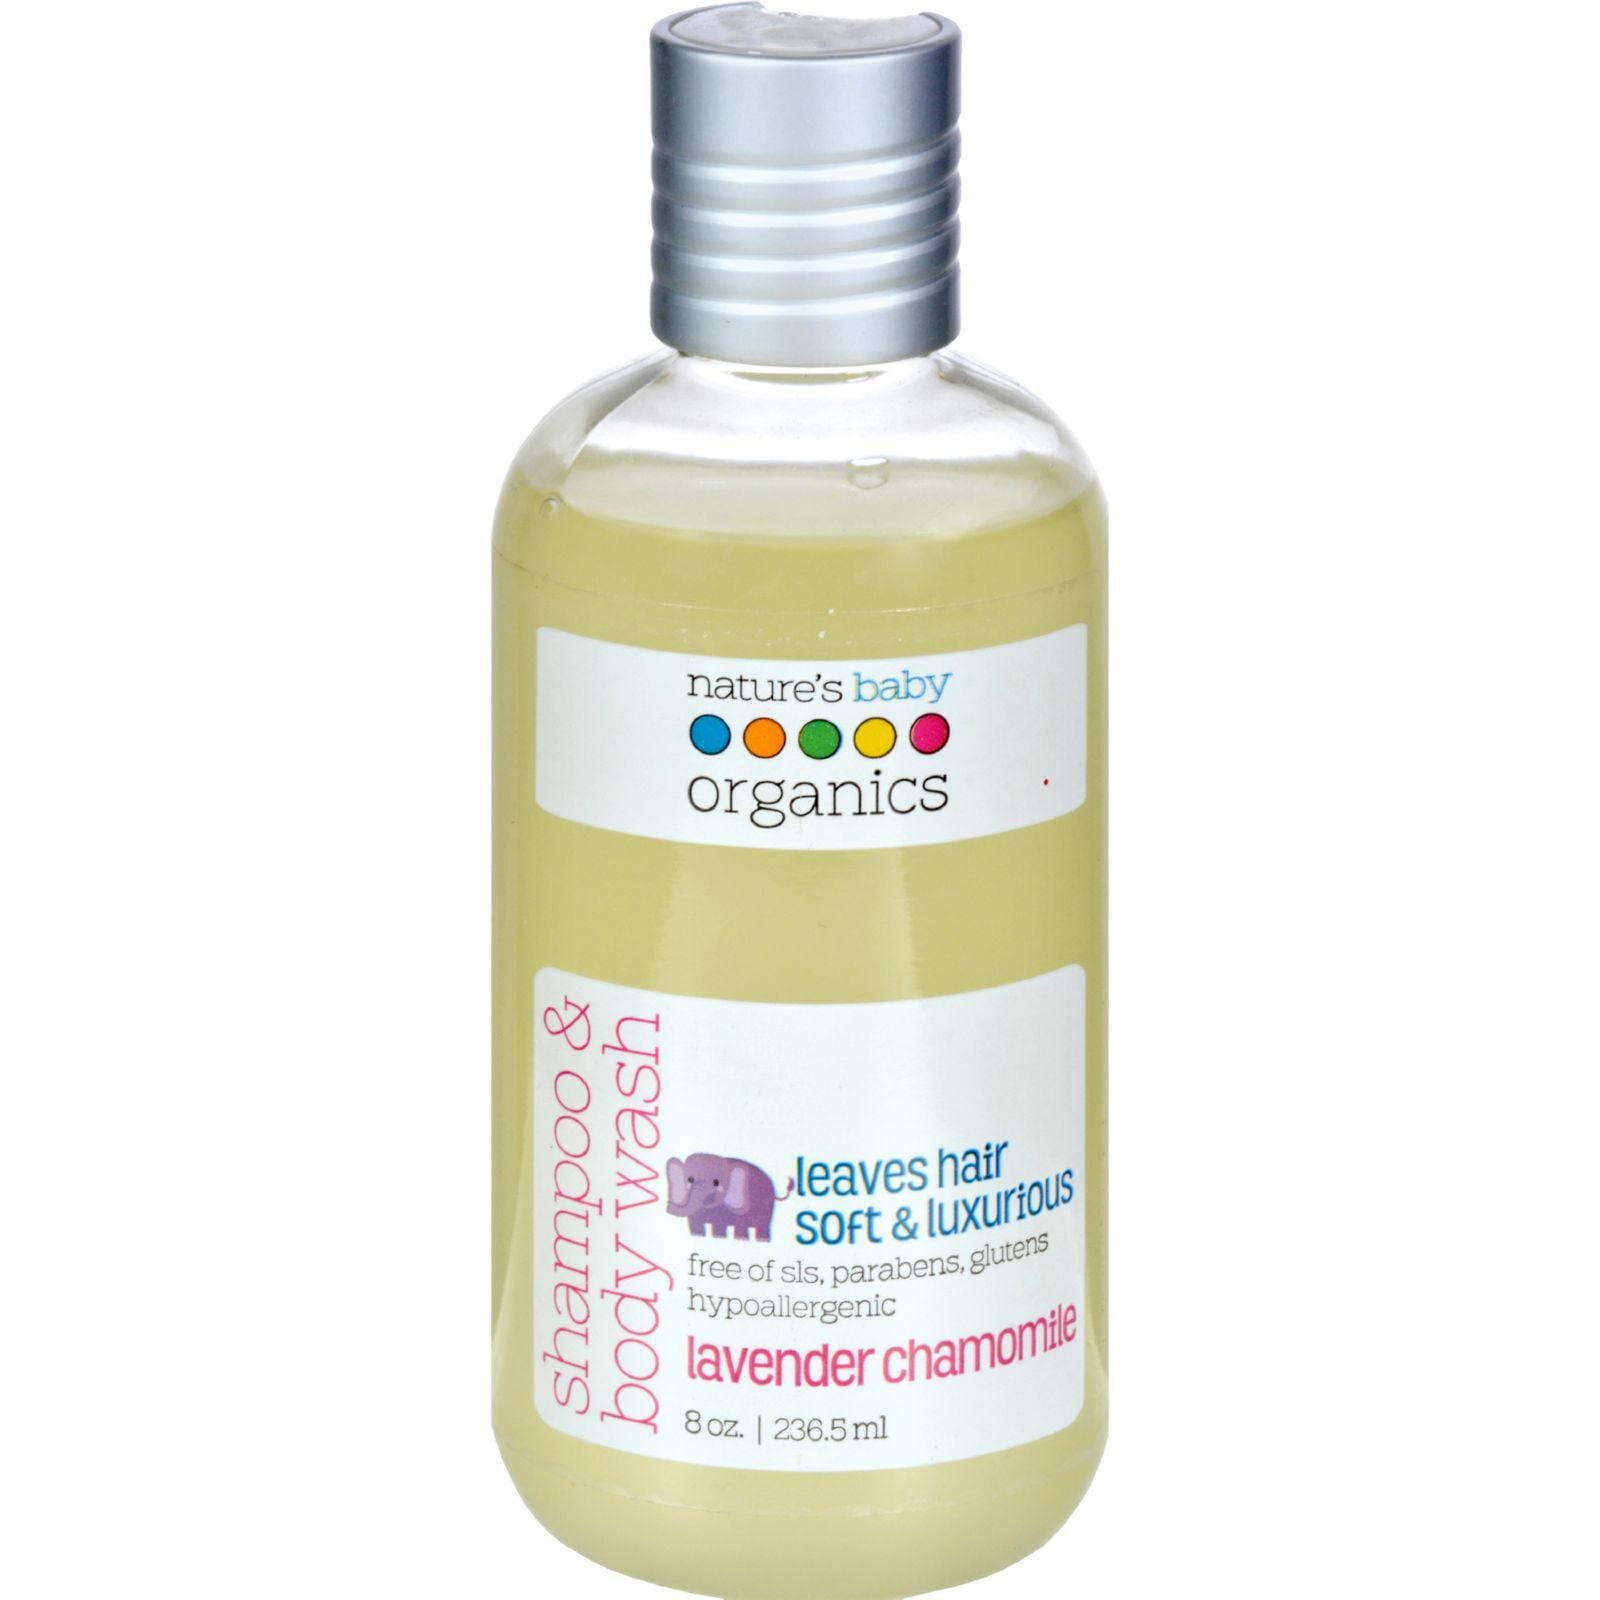 Natures Baby Organics Natures Baby Organics Shampoo & Body Wash, 8 oz